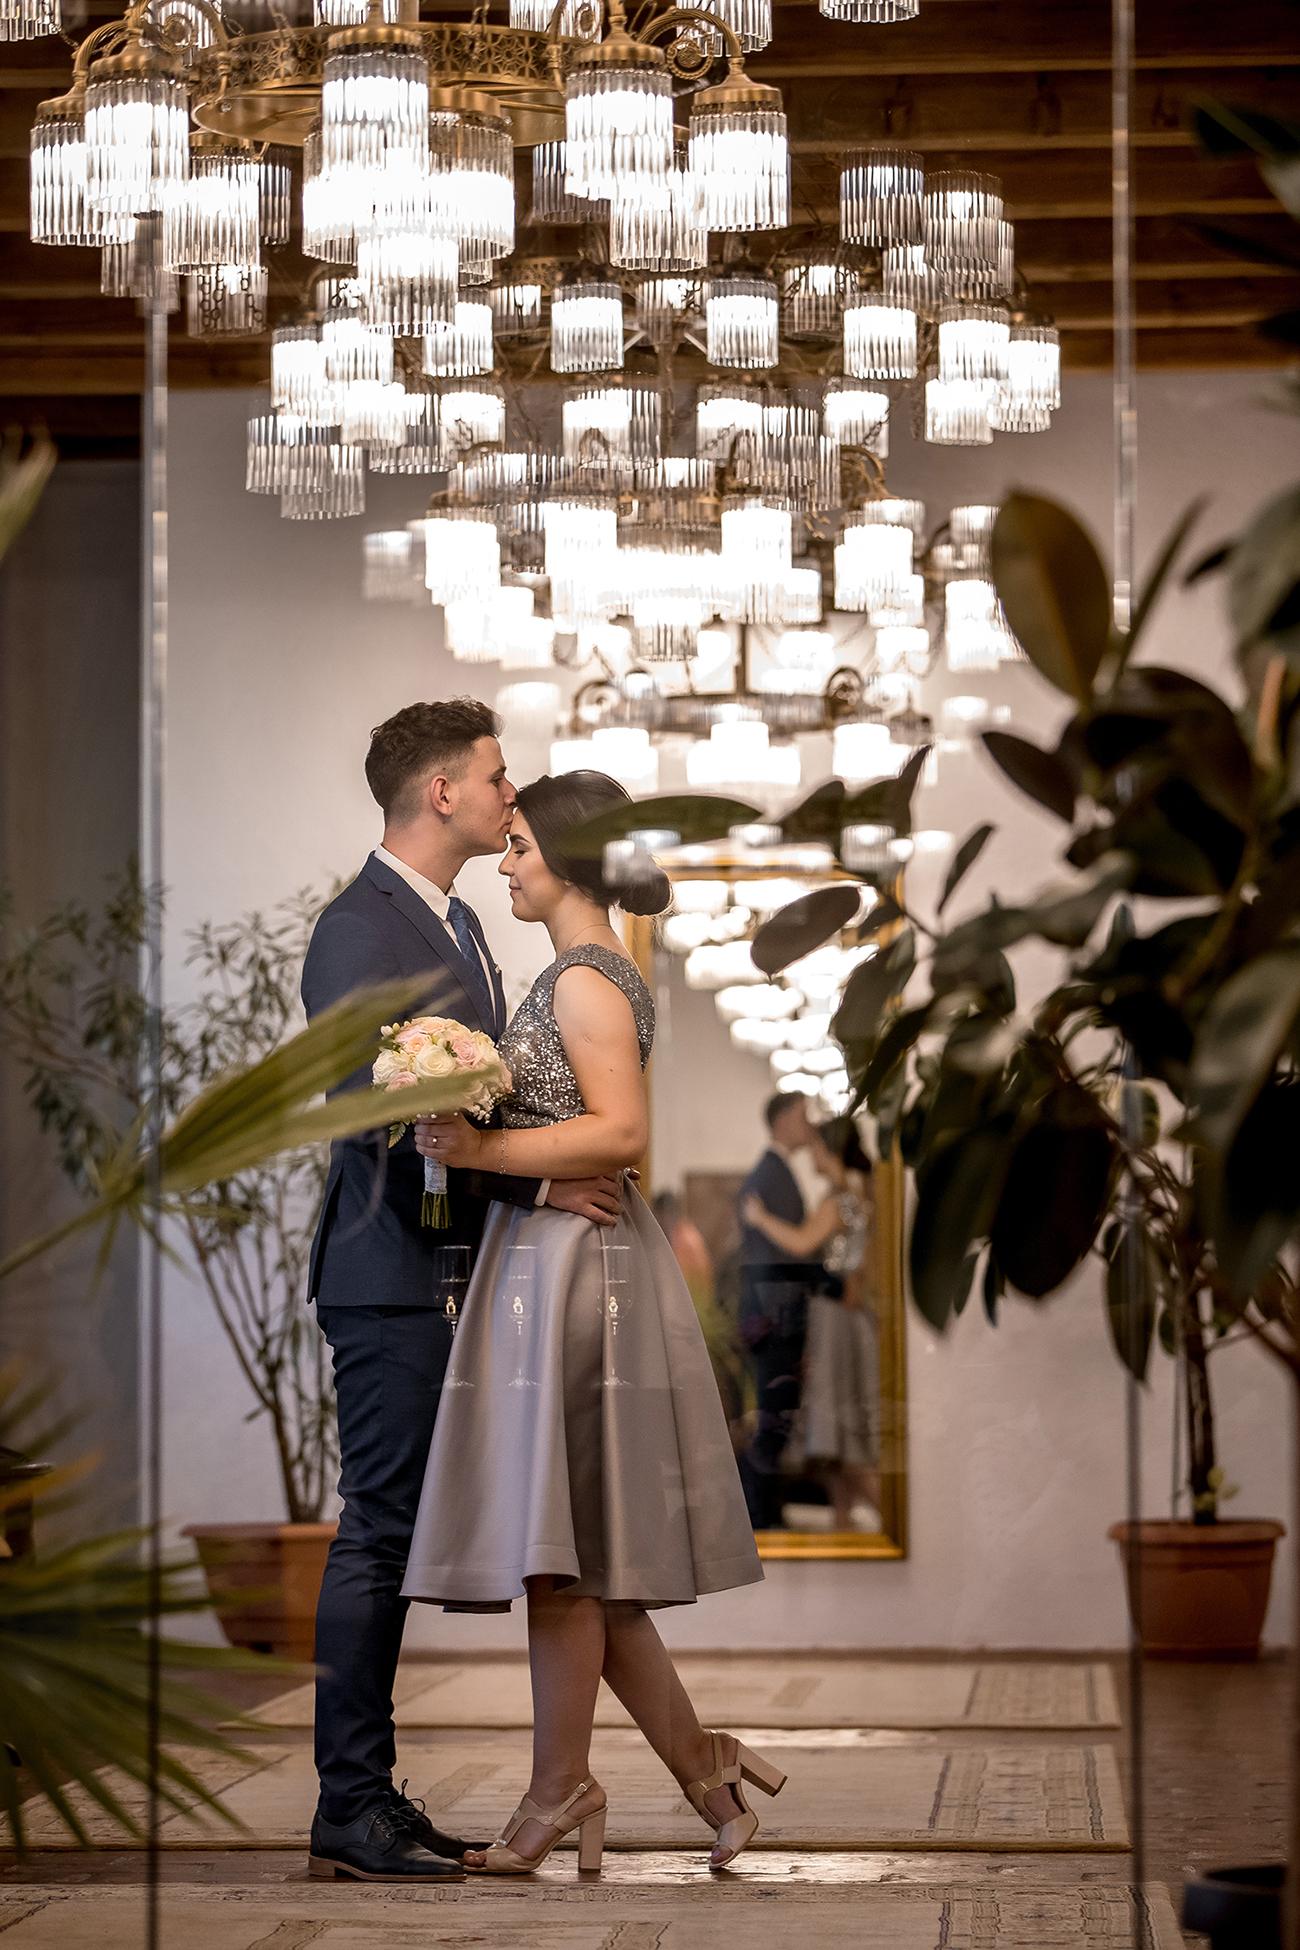 fotograf nunta piatra nemat 06 1